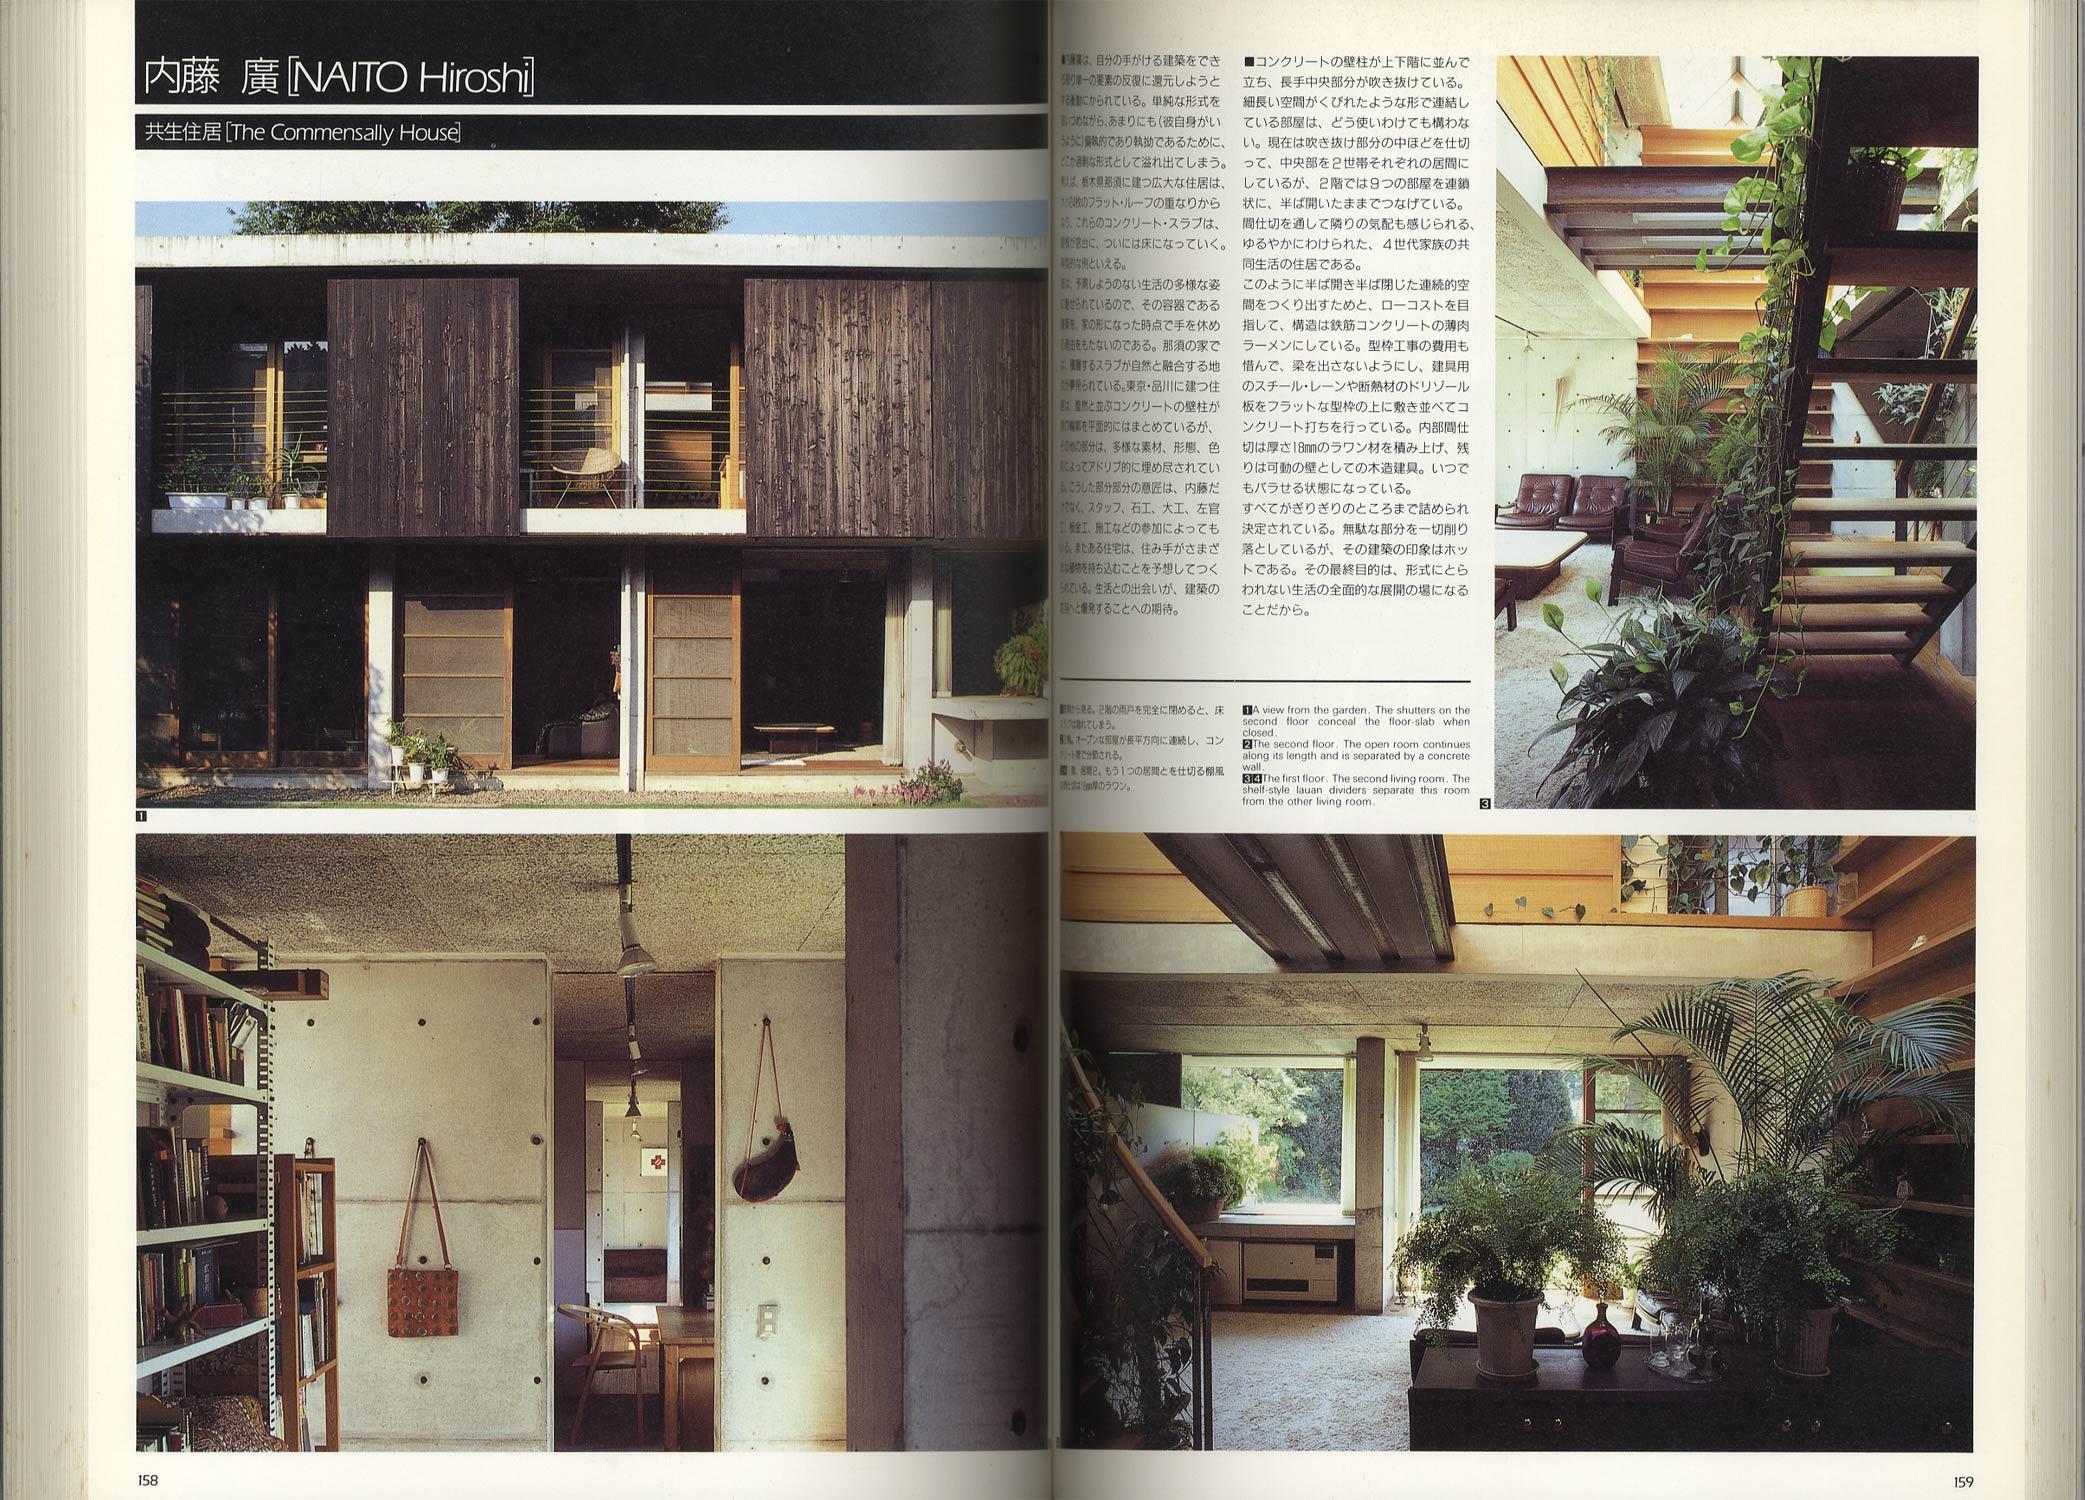 ジャパン・ハウス 打放しコンクリート住宅の現在[image3]